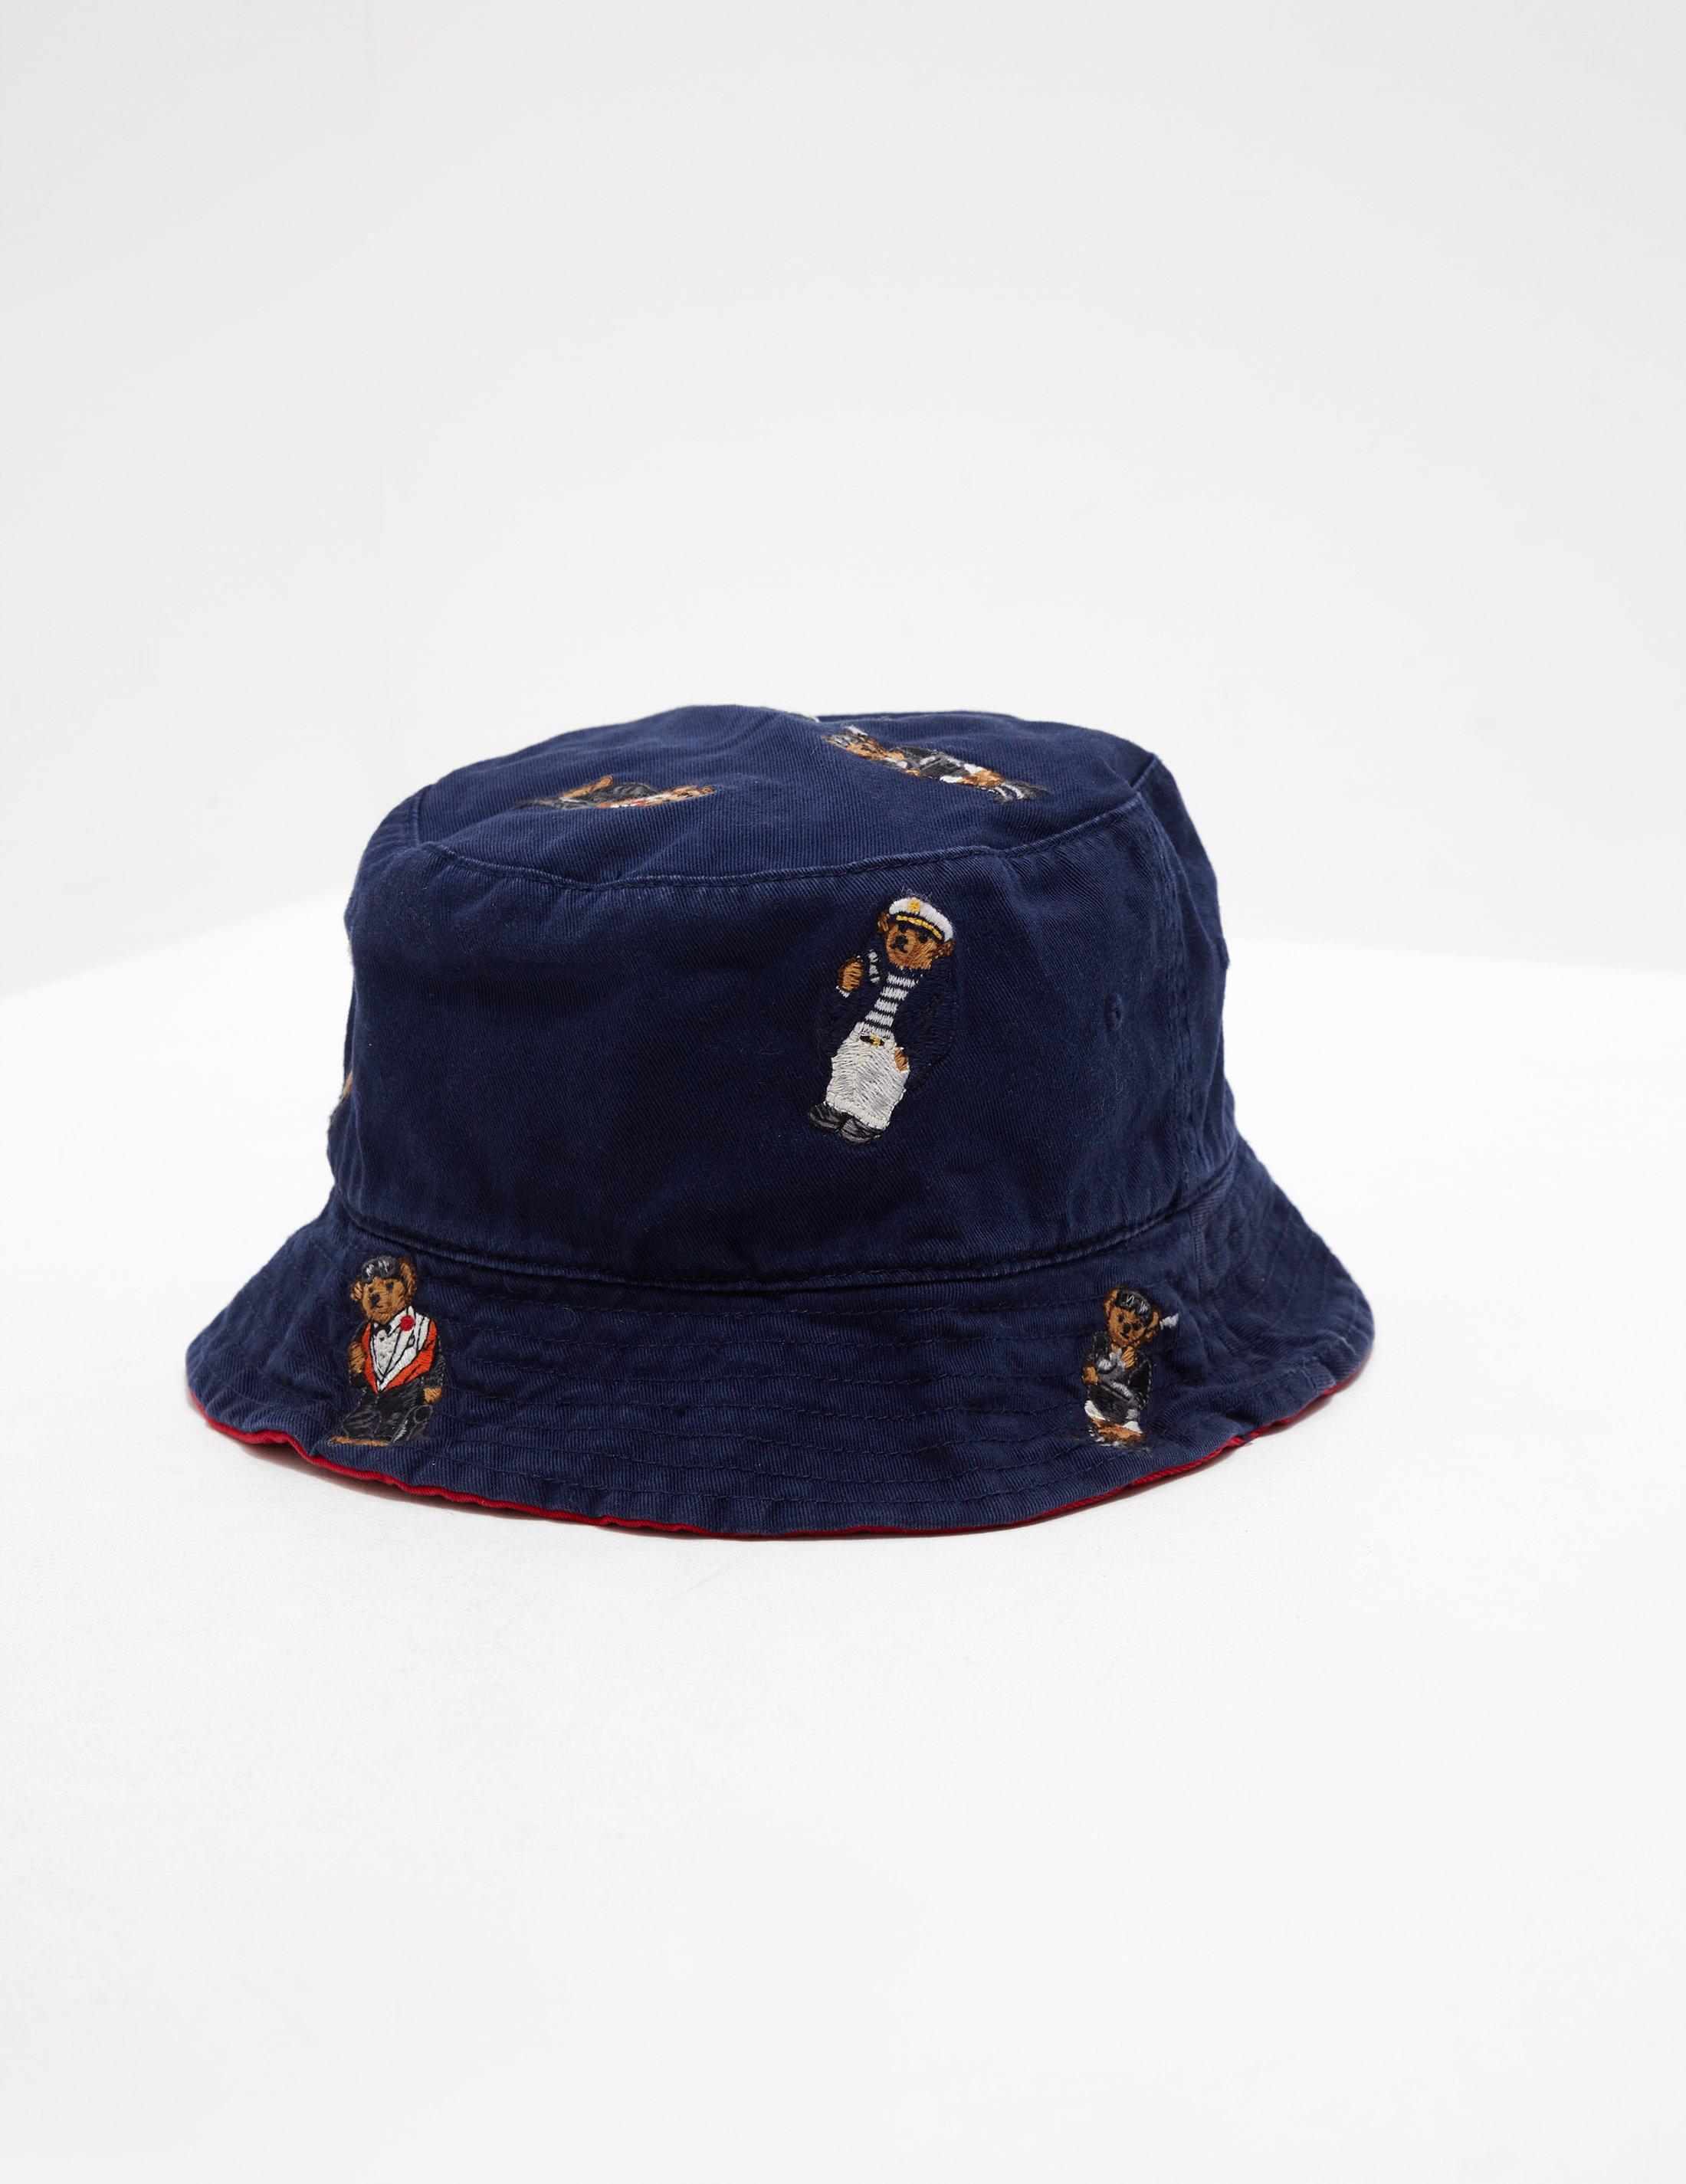 Polo Ralph Lauren Mens Bear Bucket Hat - Online Exclusive Navy Blue ... df13cef1060